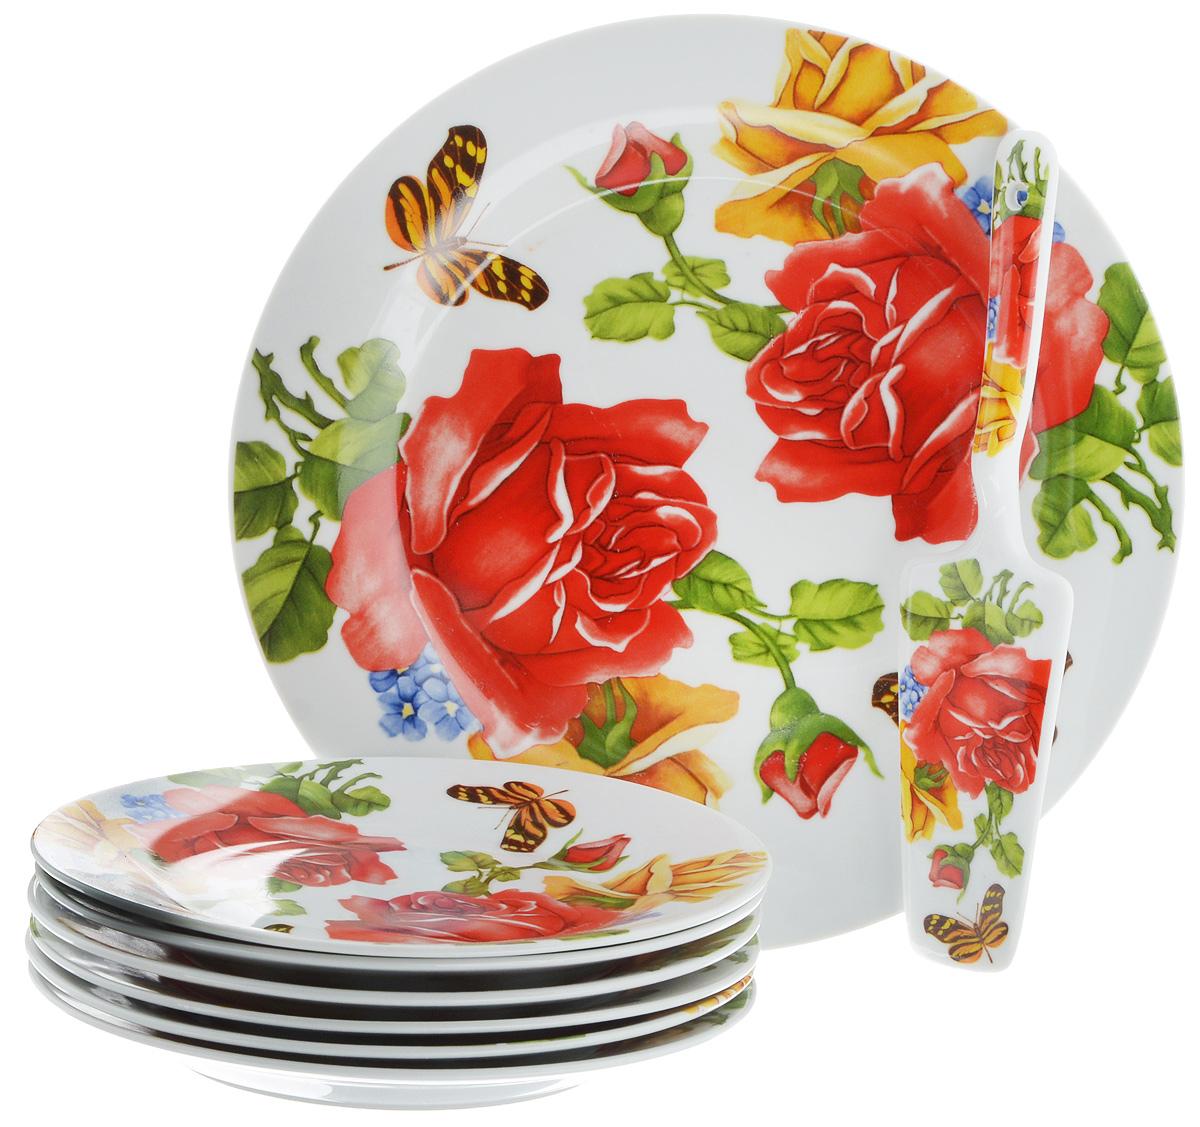 Набор для торта Bella, 8 предметов. DL-S8CB-176DL-S8CB-176Набор для торта Bella состоит из 7 тарелок и лопатки. Изделия выполнены из высококачественного фарфора и оформлены ярким рисунком. Набор идеален для подачи тортов, пирогов и другой выпечки. Яркий дизайн сделает набор изысканным украшением праздничного стола. Диаметр меленьких тарелок: 19,5 см. Диаметр большой тарелки: 26,5 см. Размеры лопатки: 23,5 х 5,5 х 2 см.